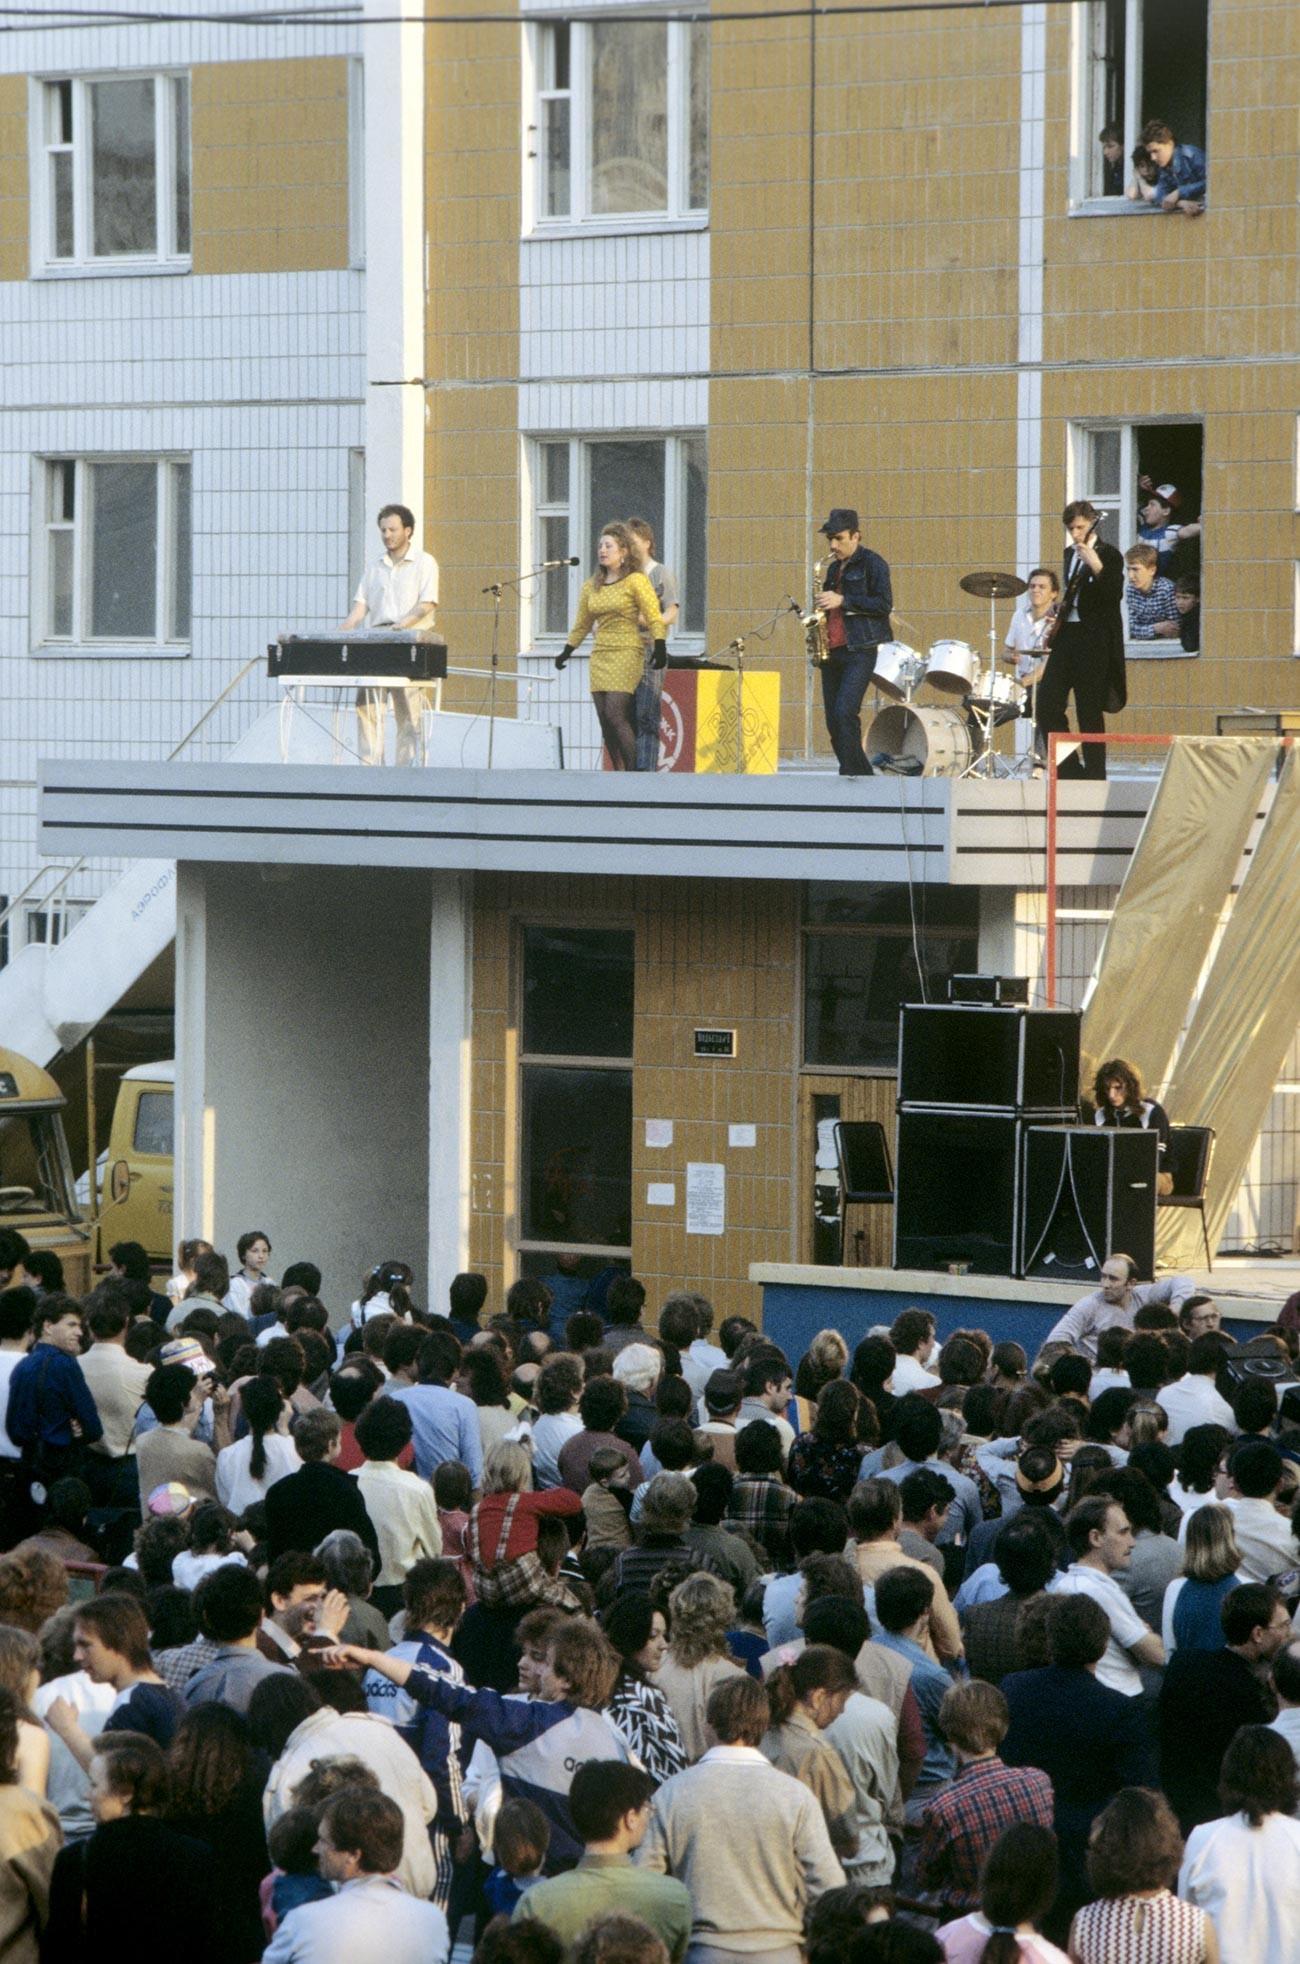 Koncert na zabavi ob vselitvi v mladinskem stanovanjskem kompleksu